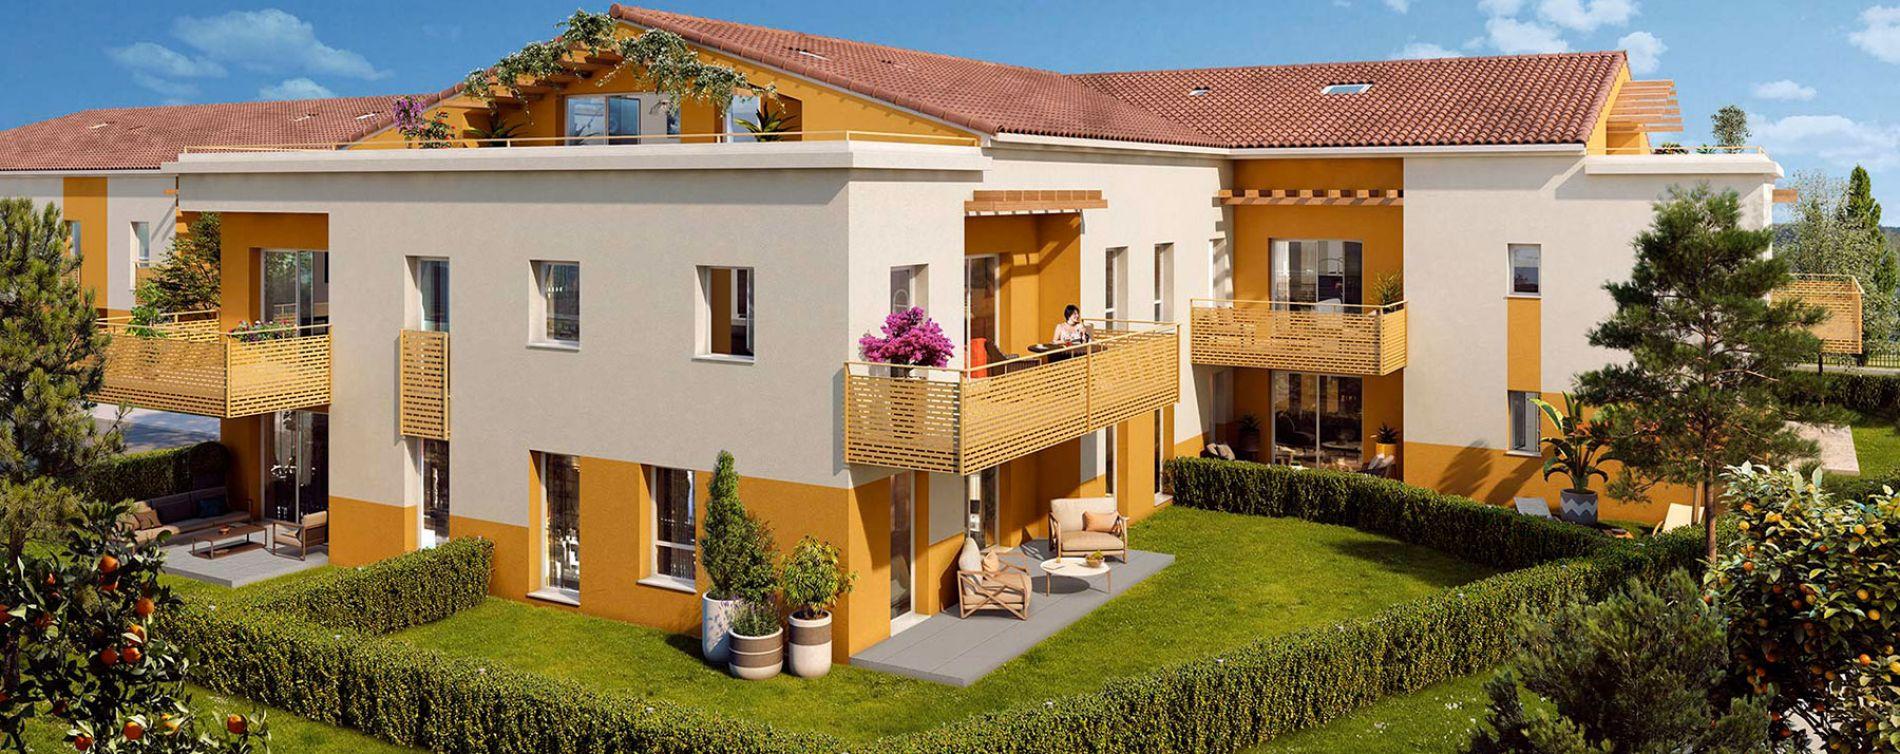 Résidence Les Jardins des Aubépines à Draguignan